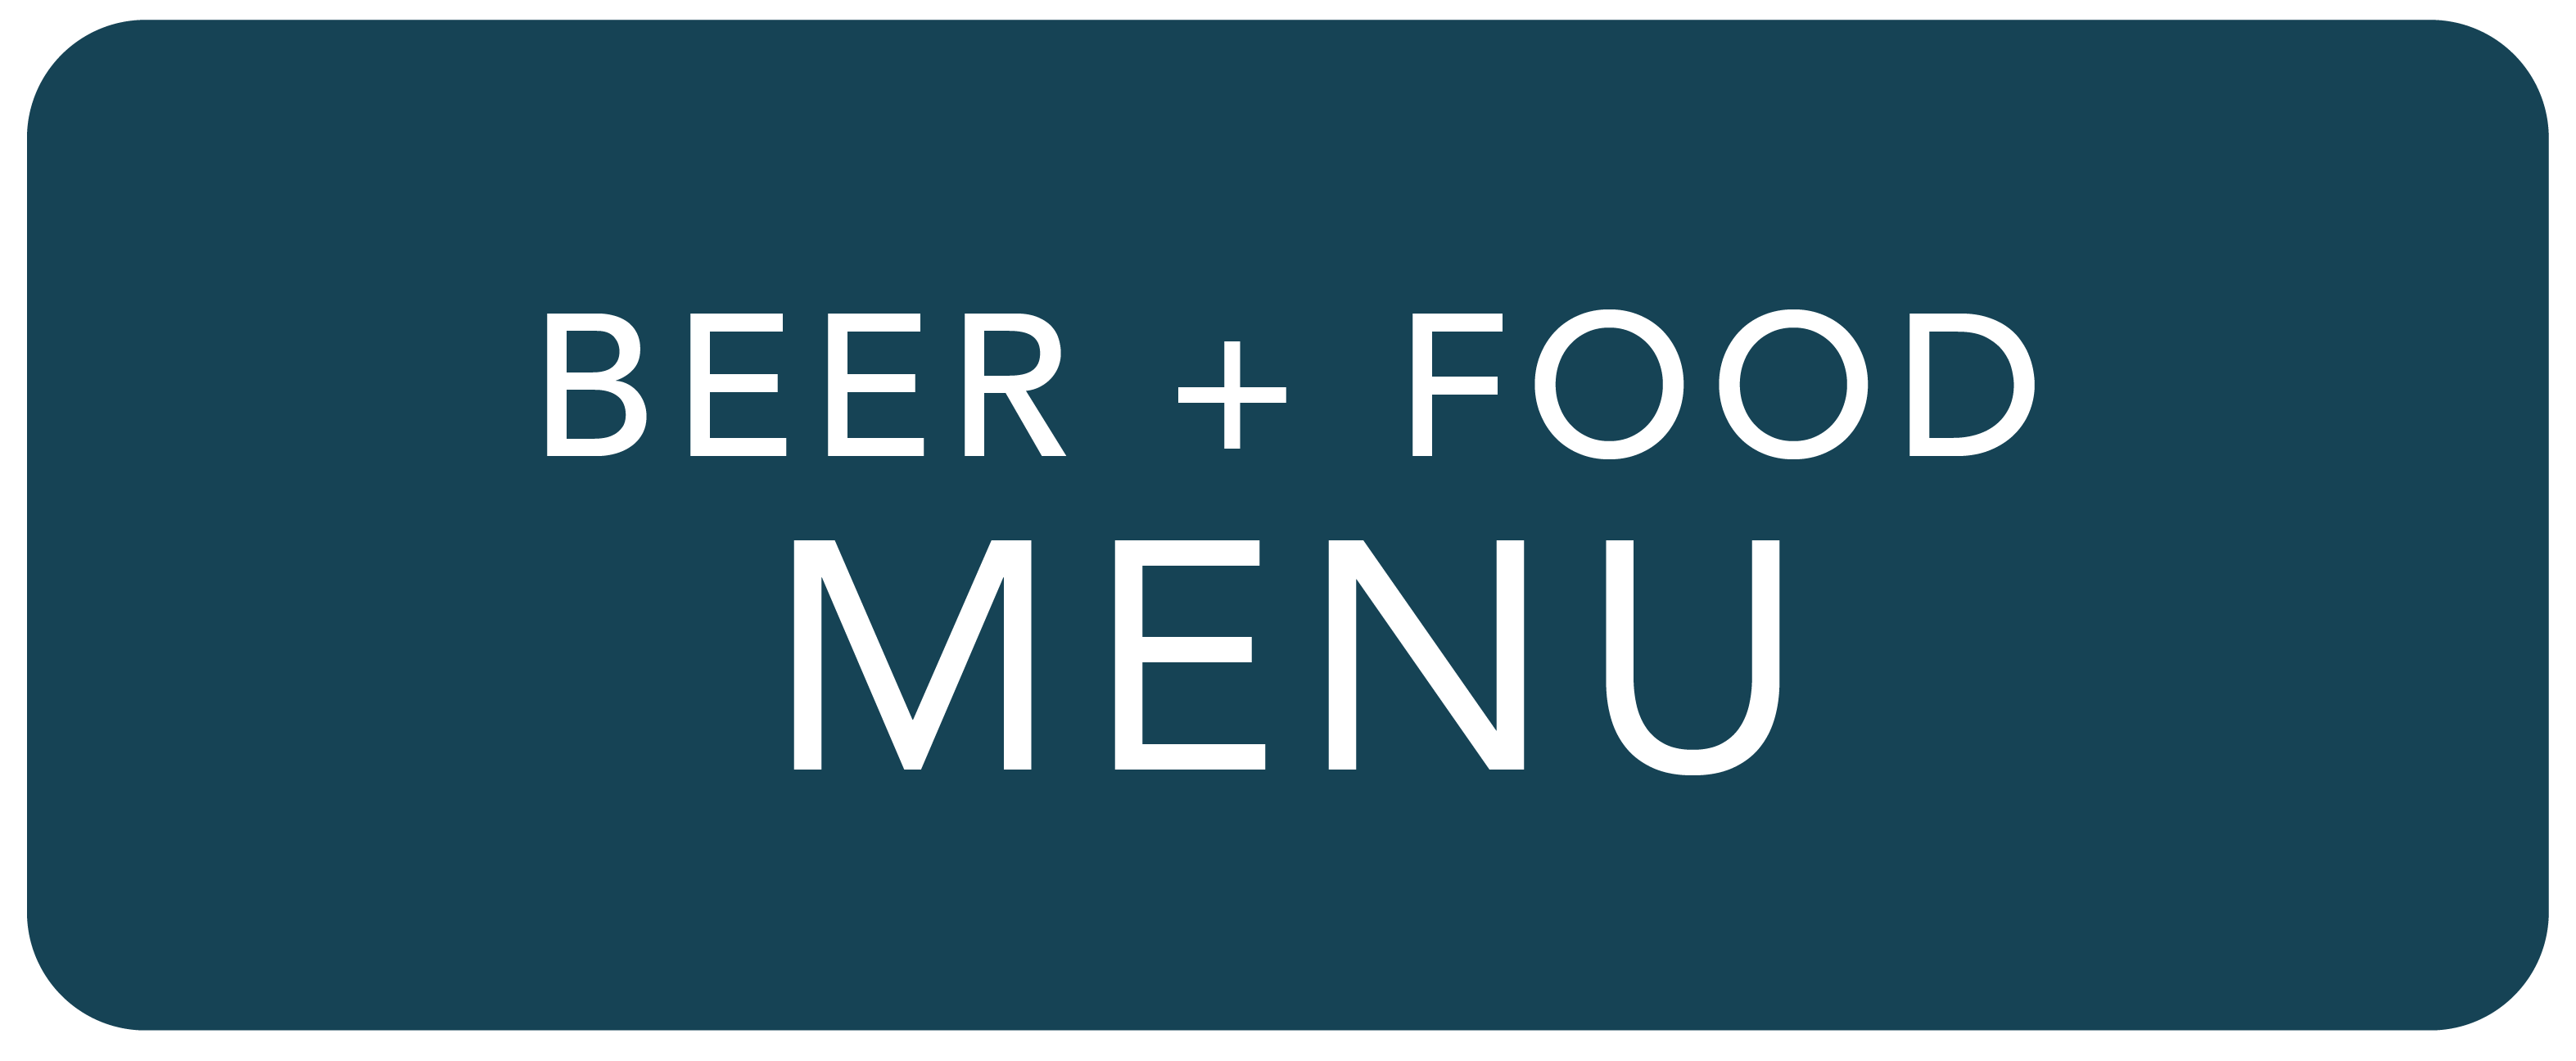 medford restaurant menu